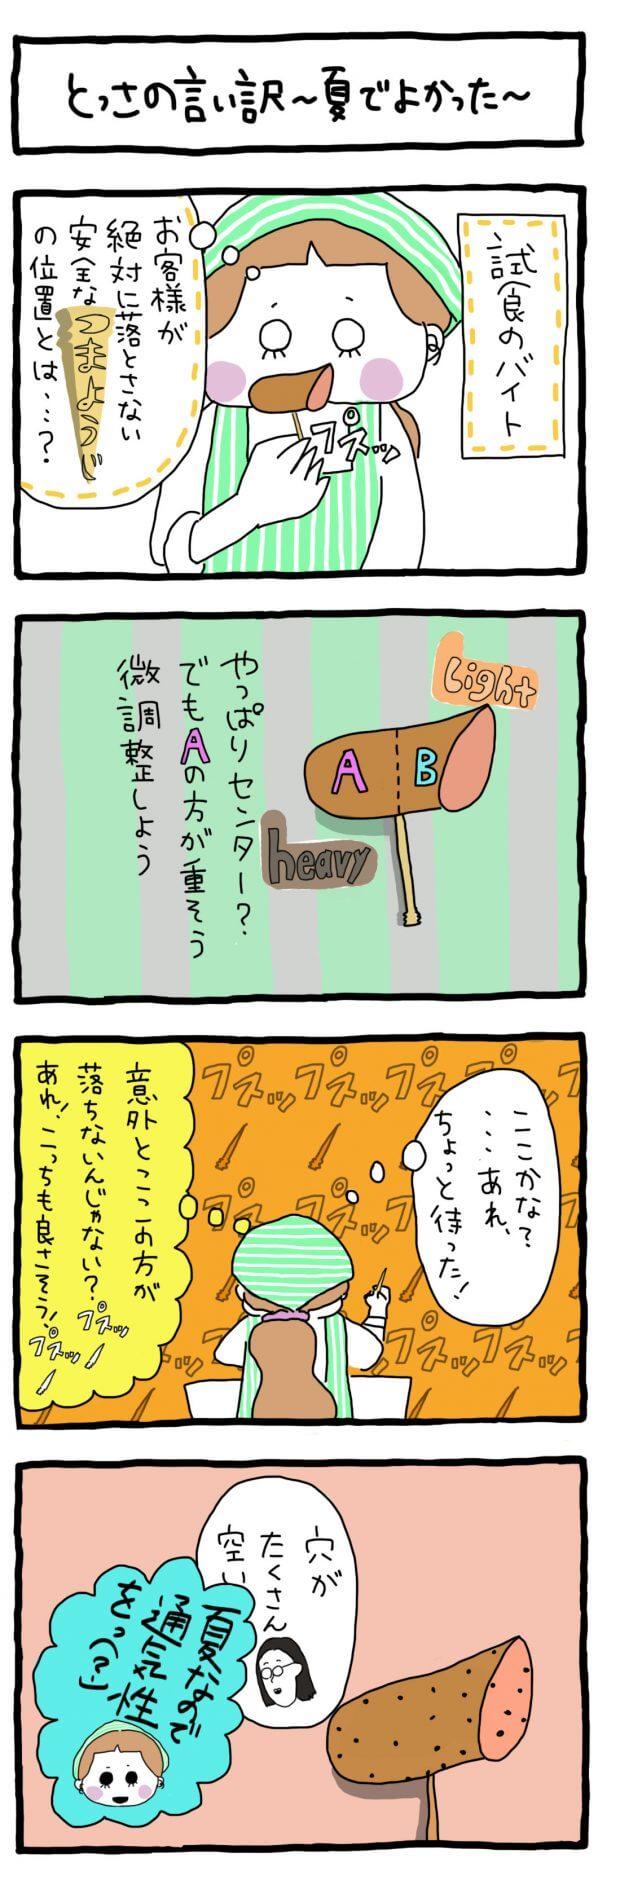 フロムエーしよ!! 【気にしすぎ女子のモヤモヤバイト奮闘記】第28回「とっさの言い訳~夏でよかった~」